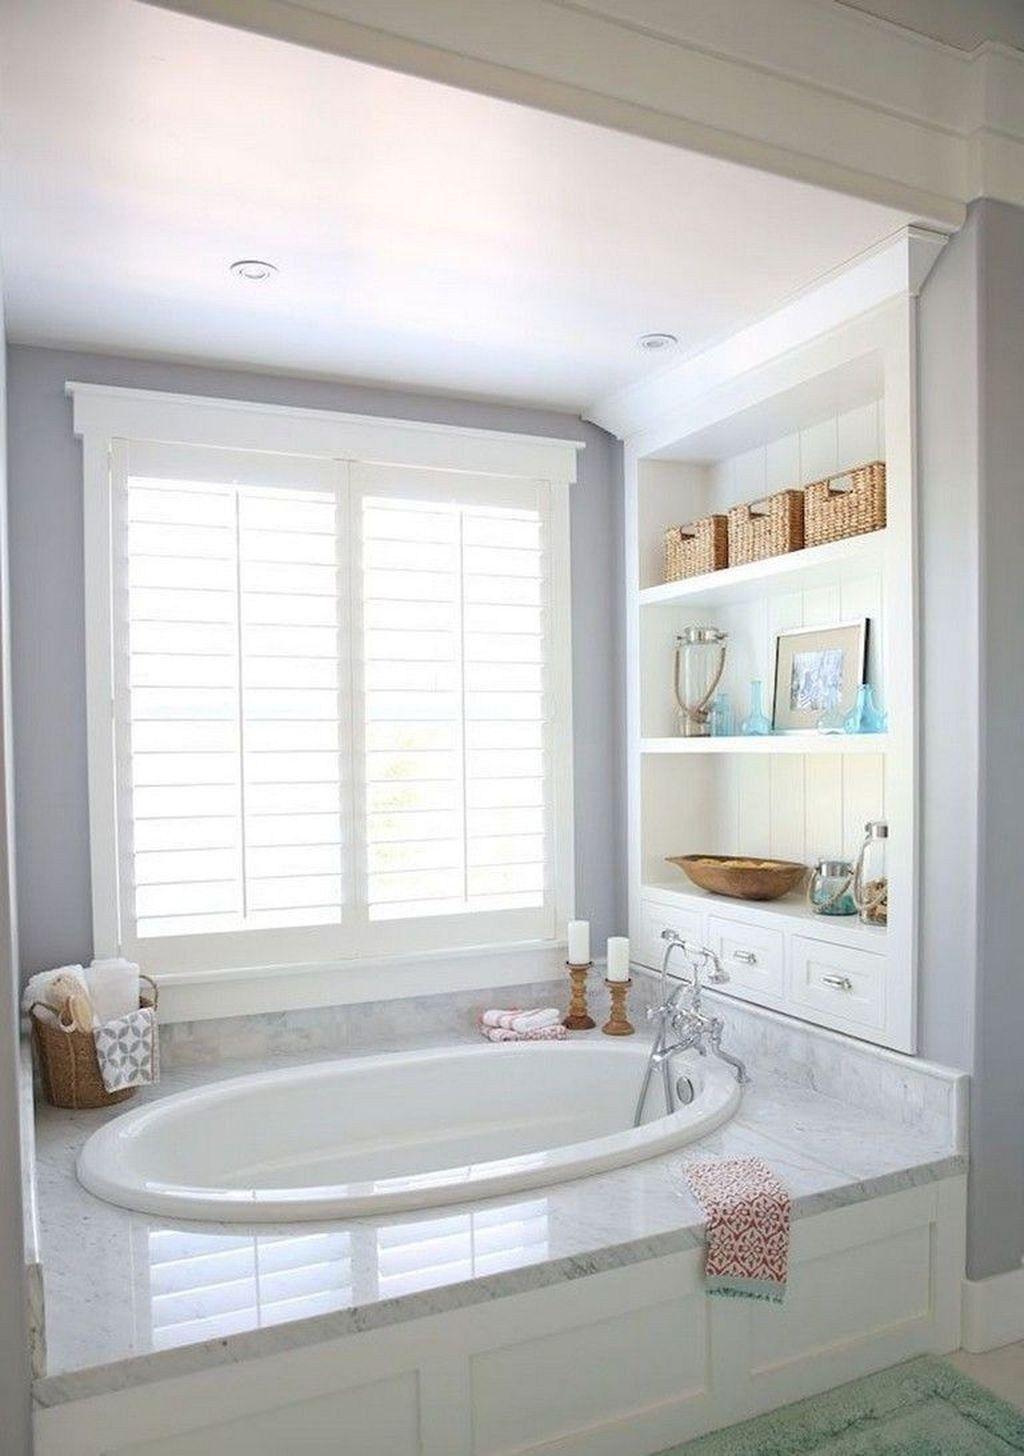 42 impressive master bathroom remodel ideas large on bathroom renovation ideas id=61382